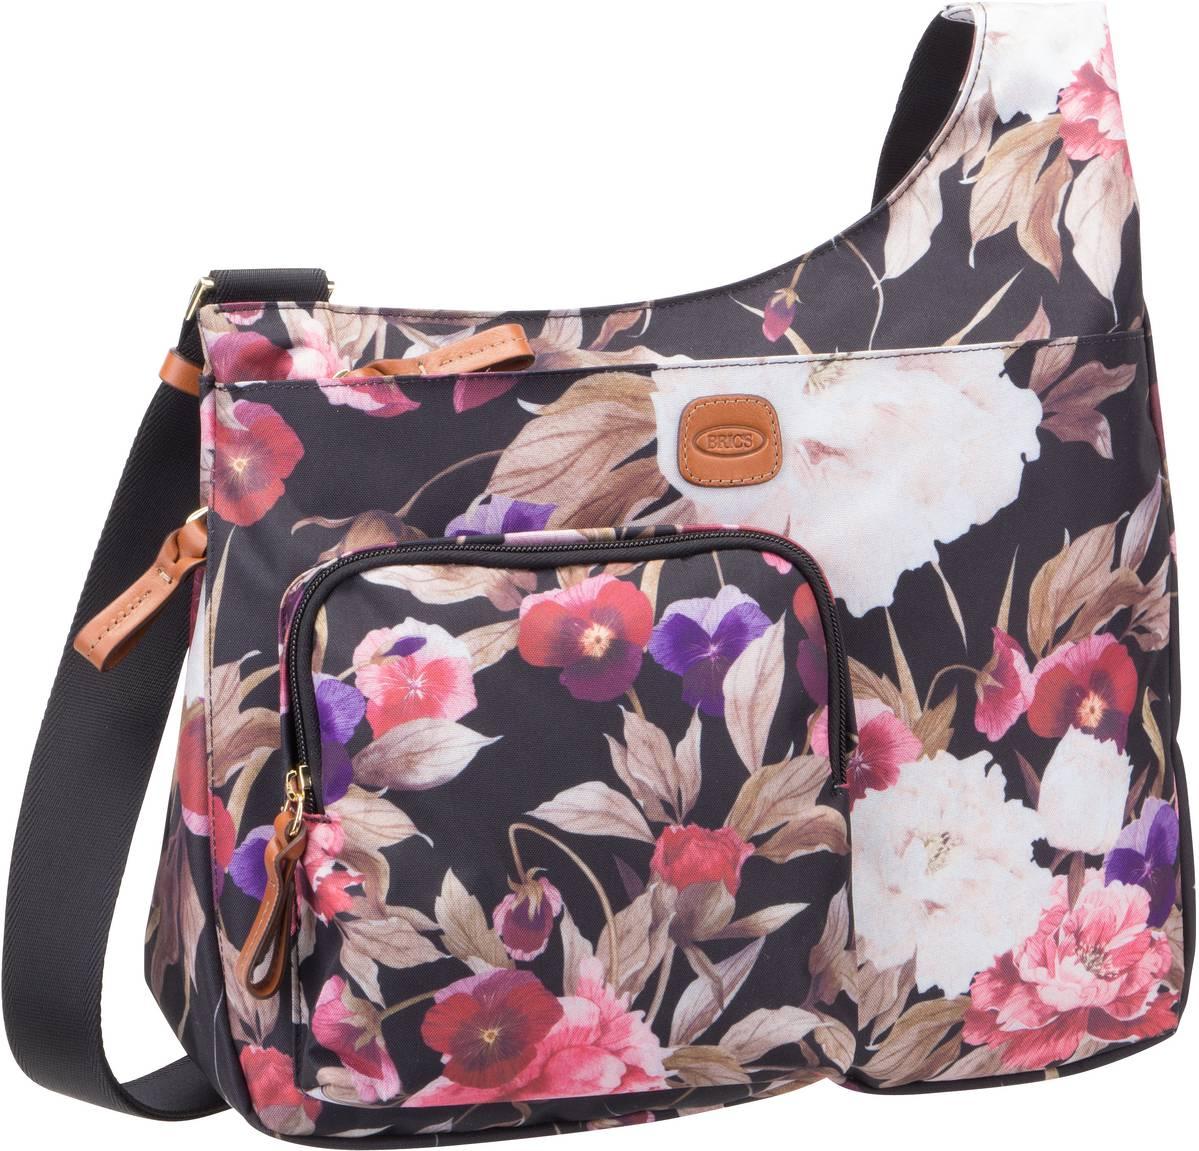 's Umhängetasche X-Bag Damentasche 42732 Blumen